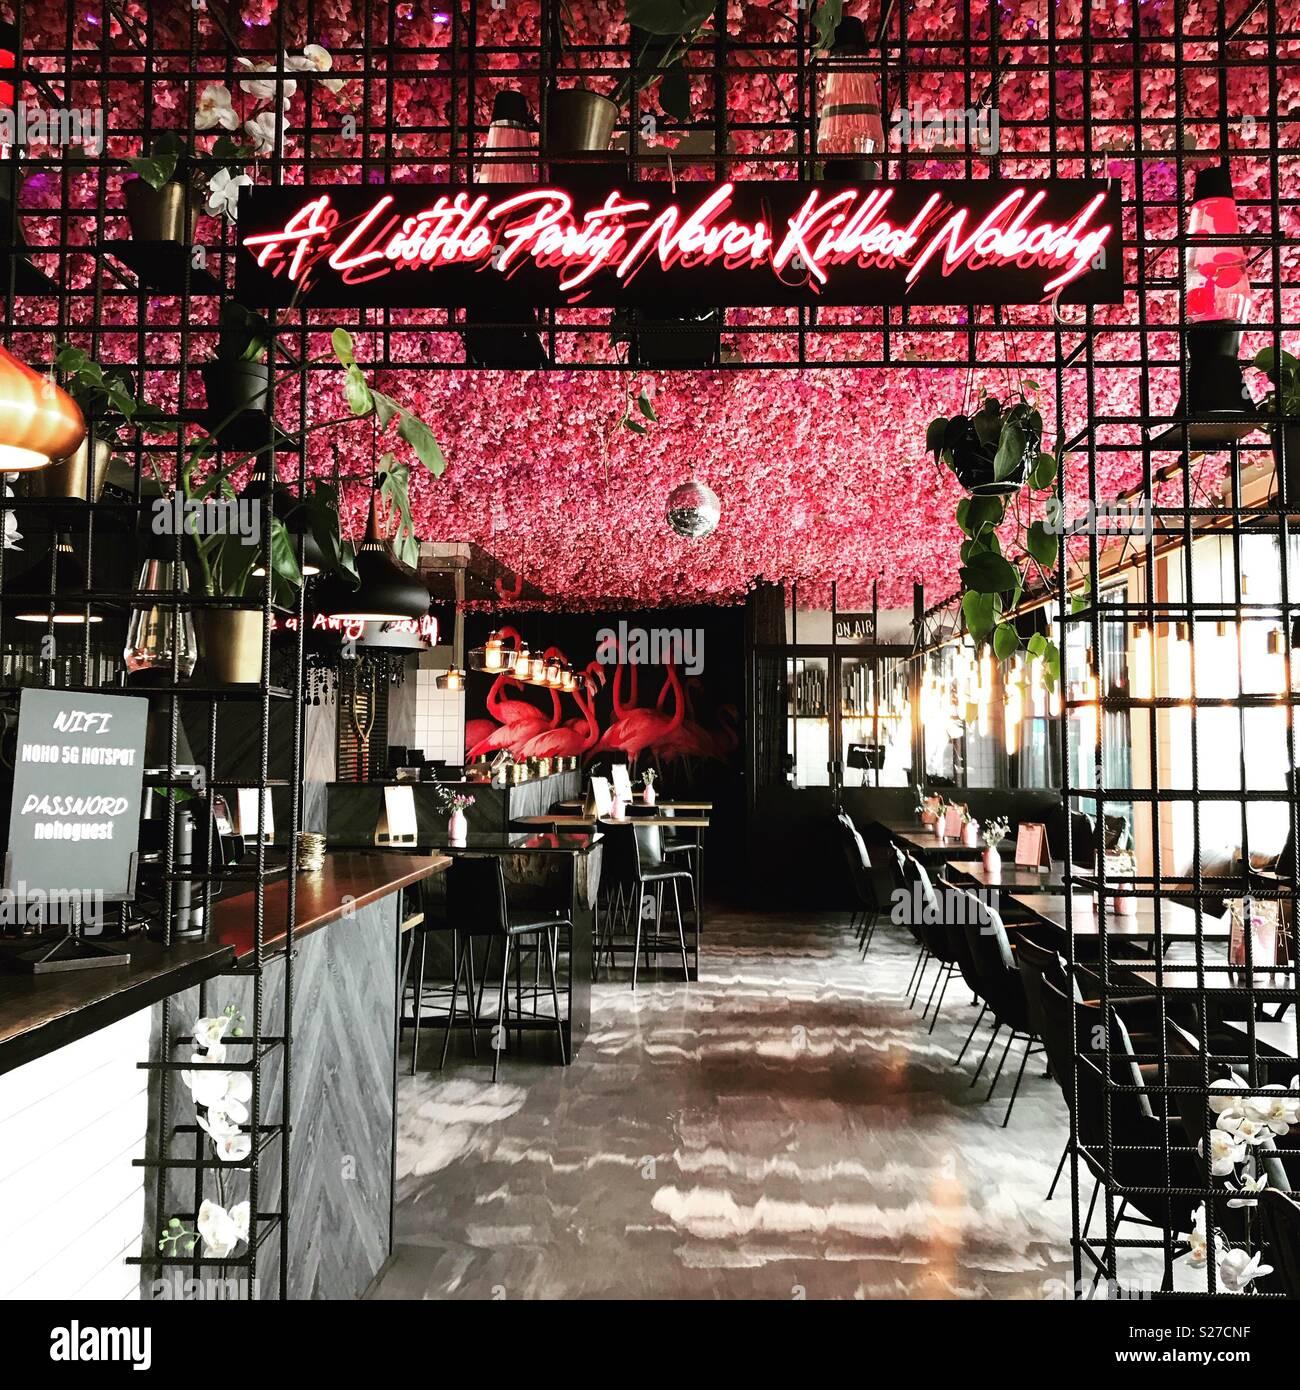 Bar with neon sign in Copenhagen - Stock Image